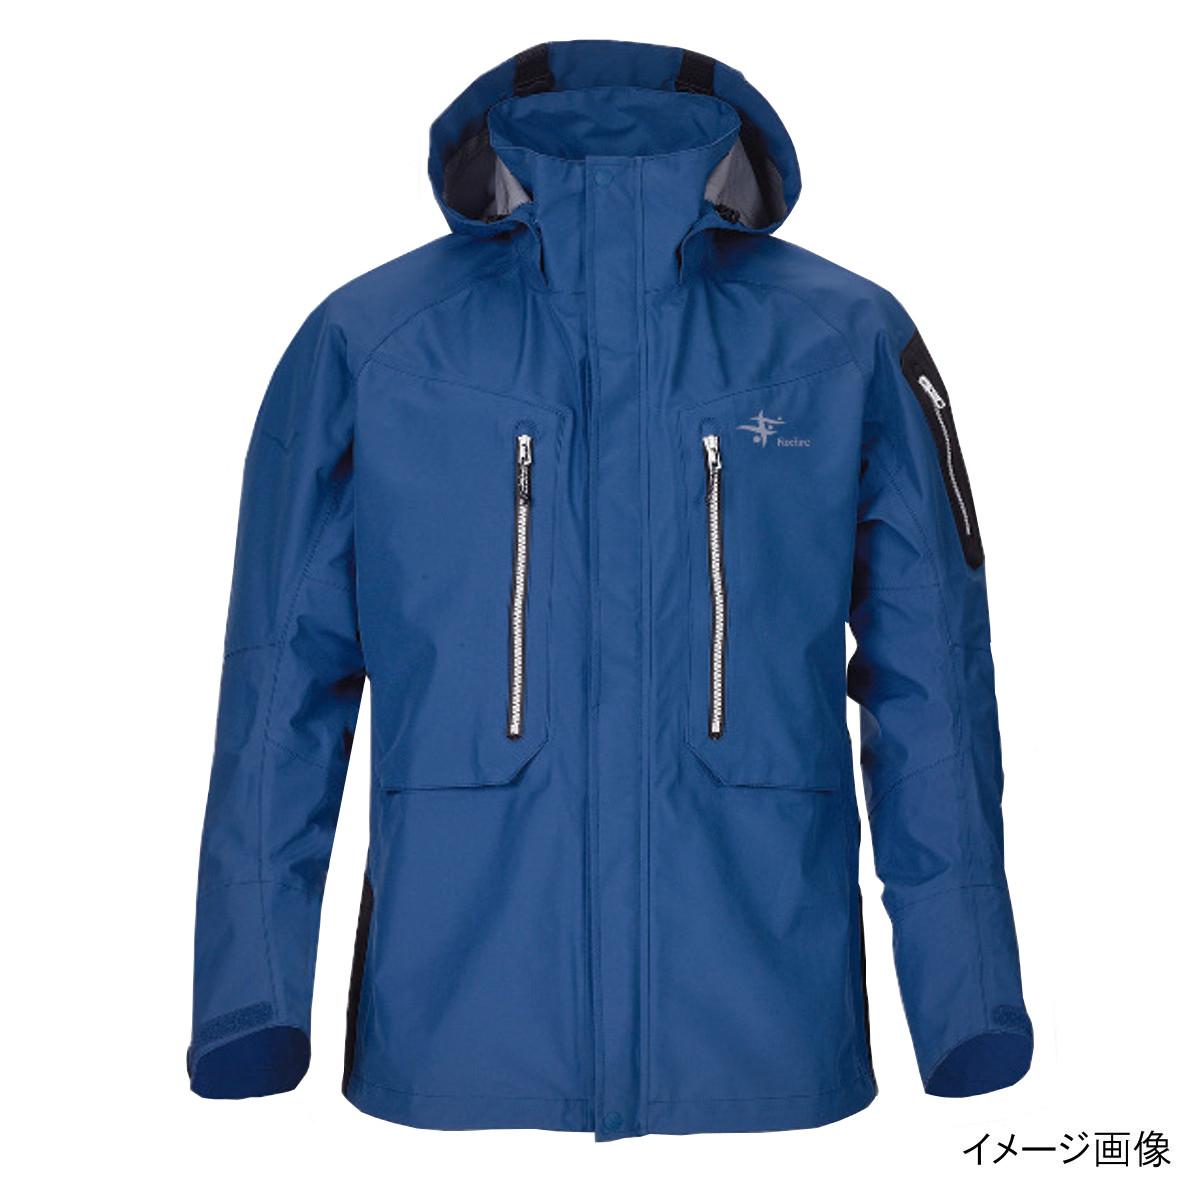 Foxfire ストーミーDSジャケット XL ブルー(東日本店)